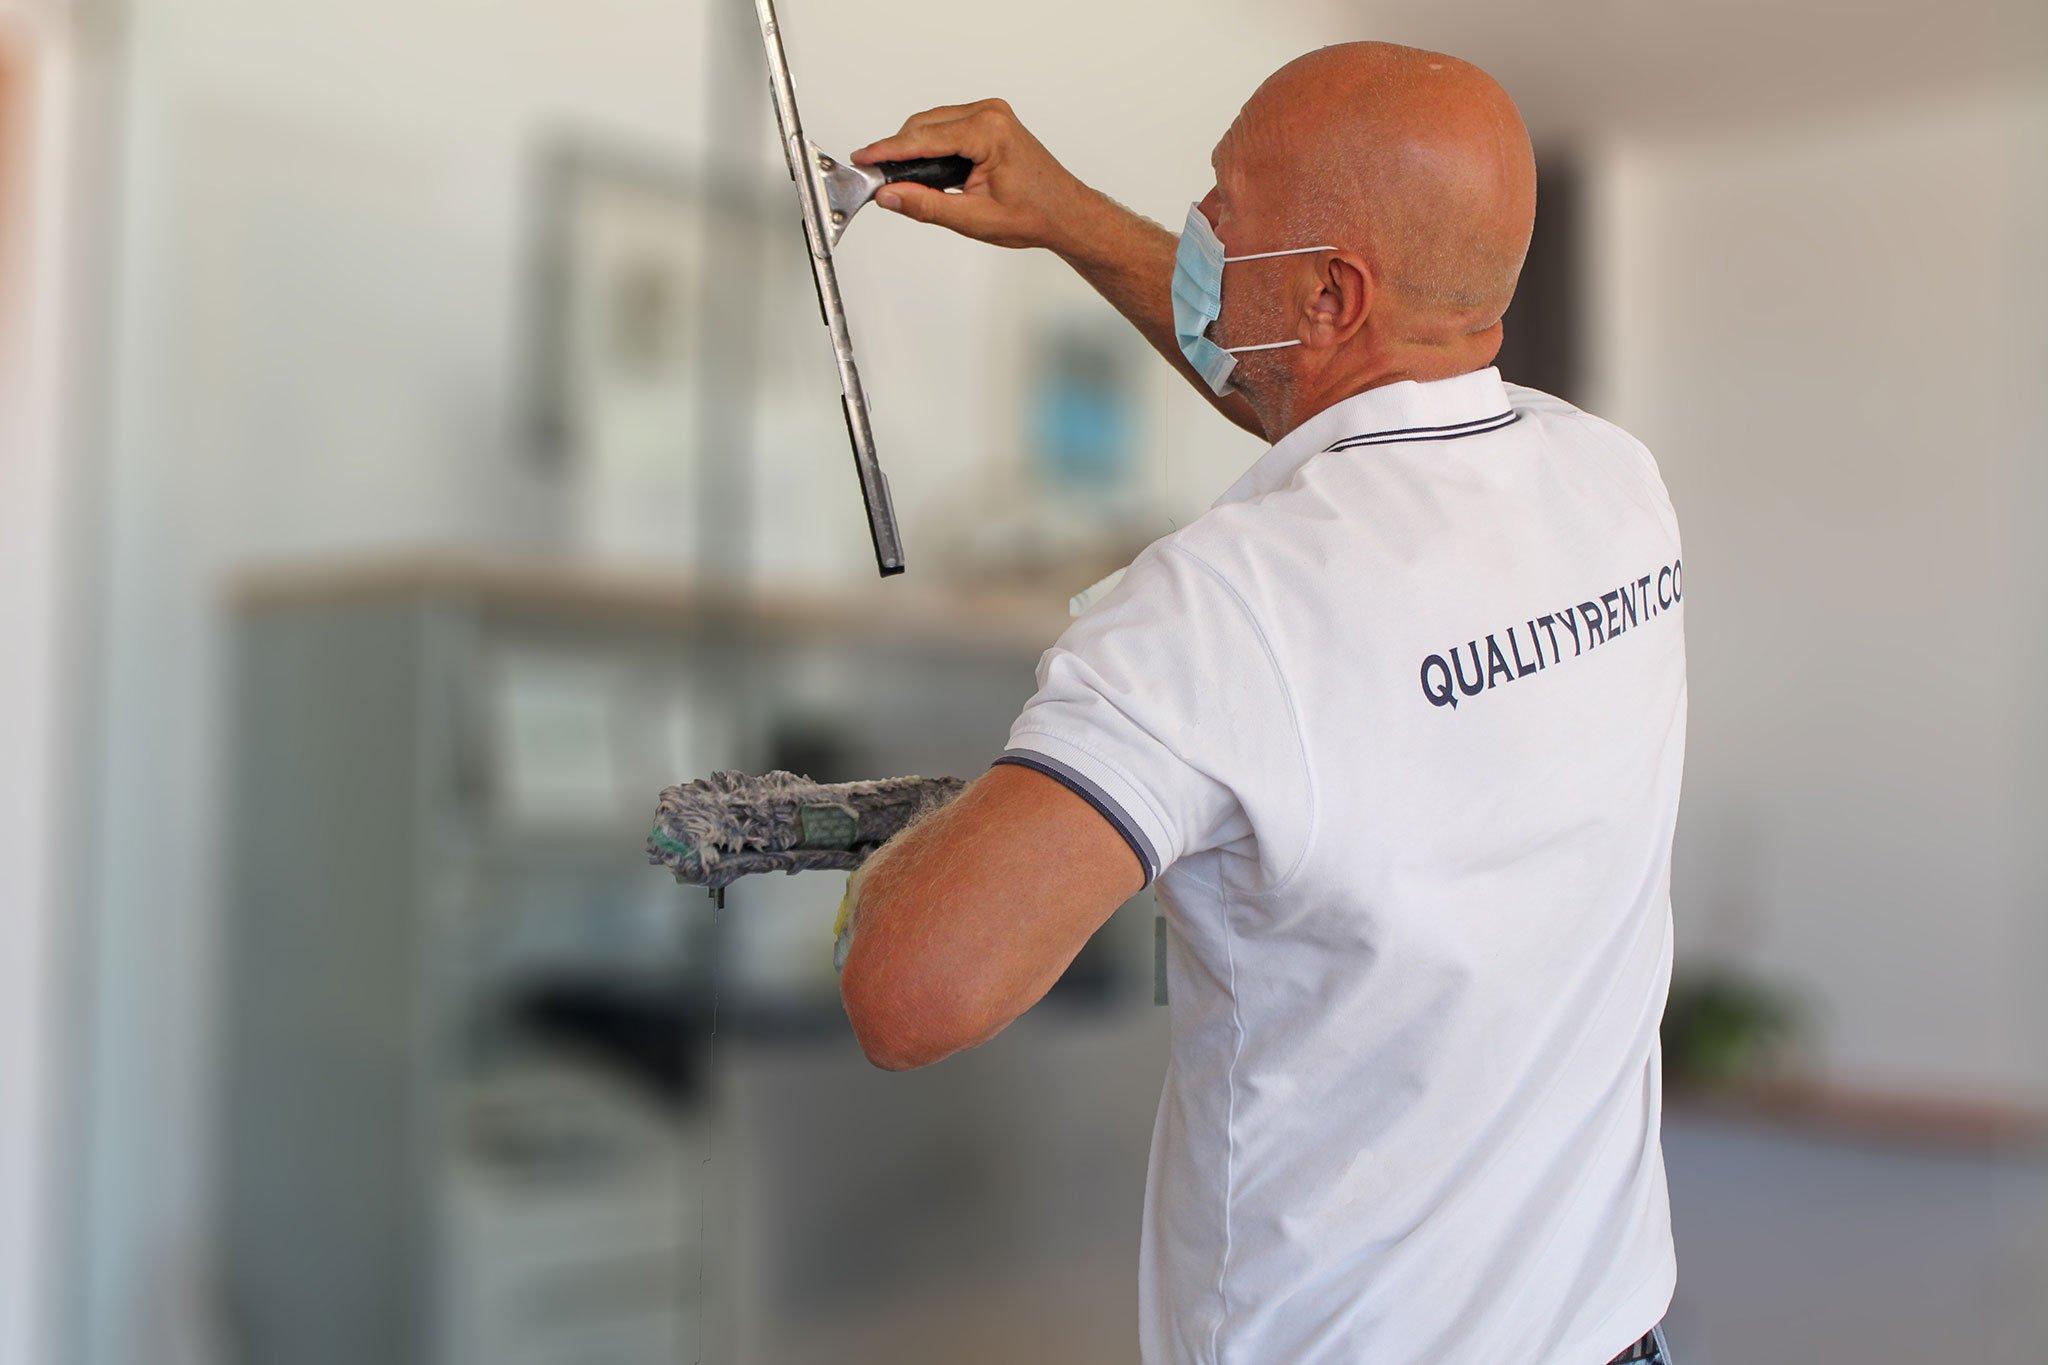 Equipo de limpieza con todos los productos específicos y los protocolos higiénicos – Quality Rent a Villa